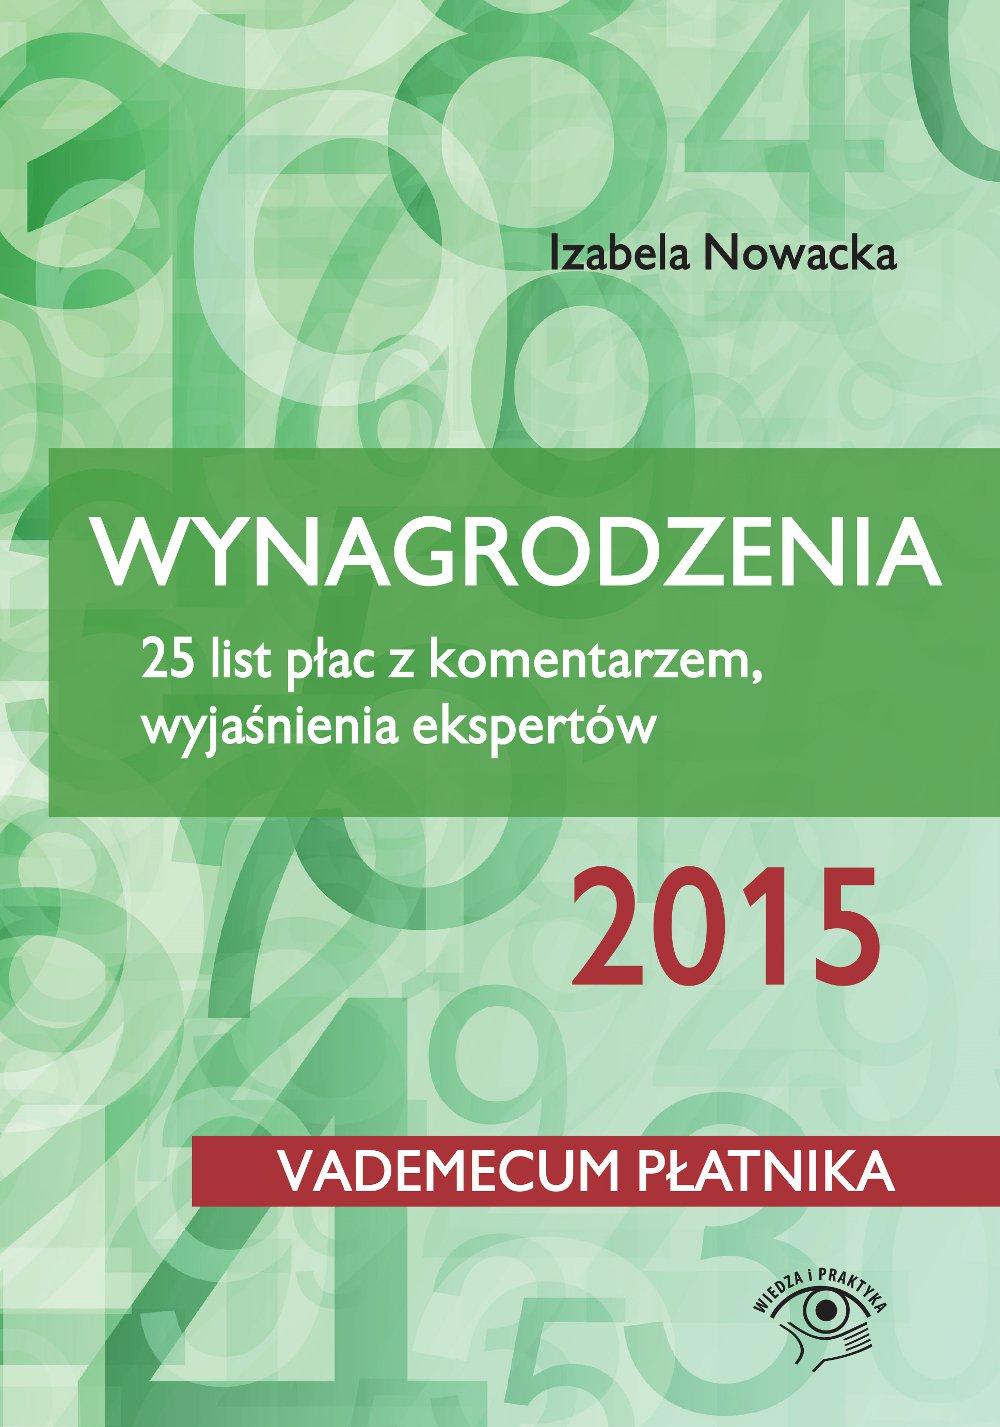 Wynagrodzenia 2015. 25 list płac z komentarzem, wyjaśnienia ekspertów - Ebook (Książka EPUB) do pobrania w formacie EPUB